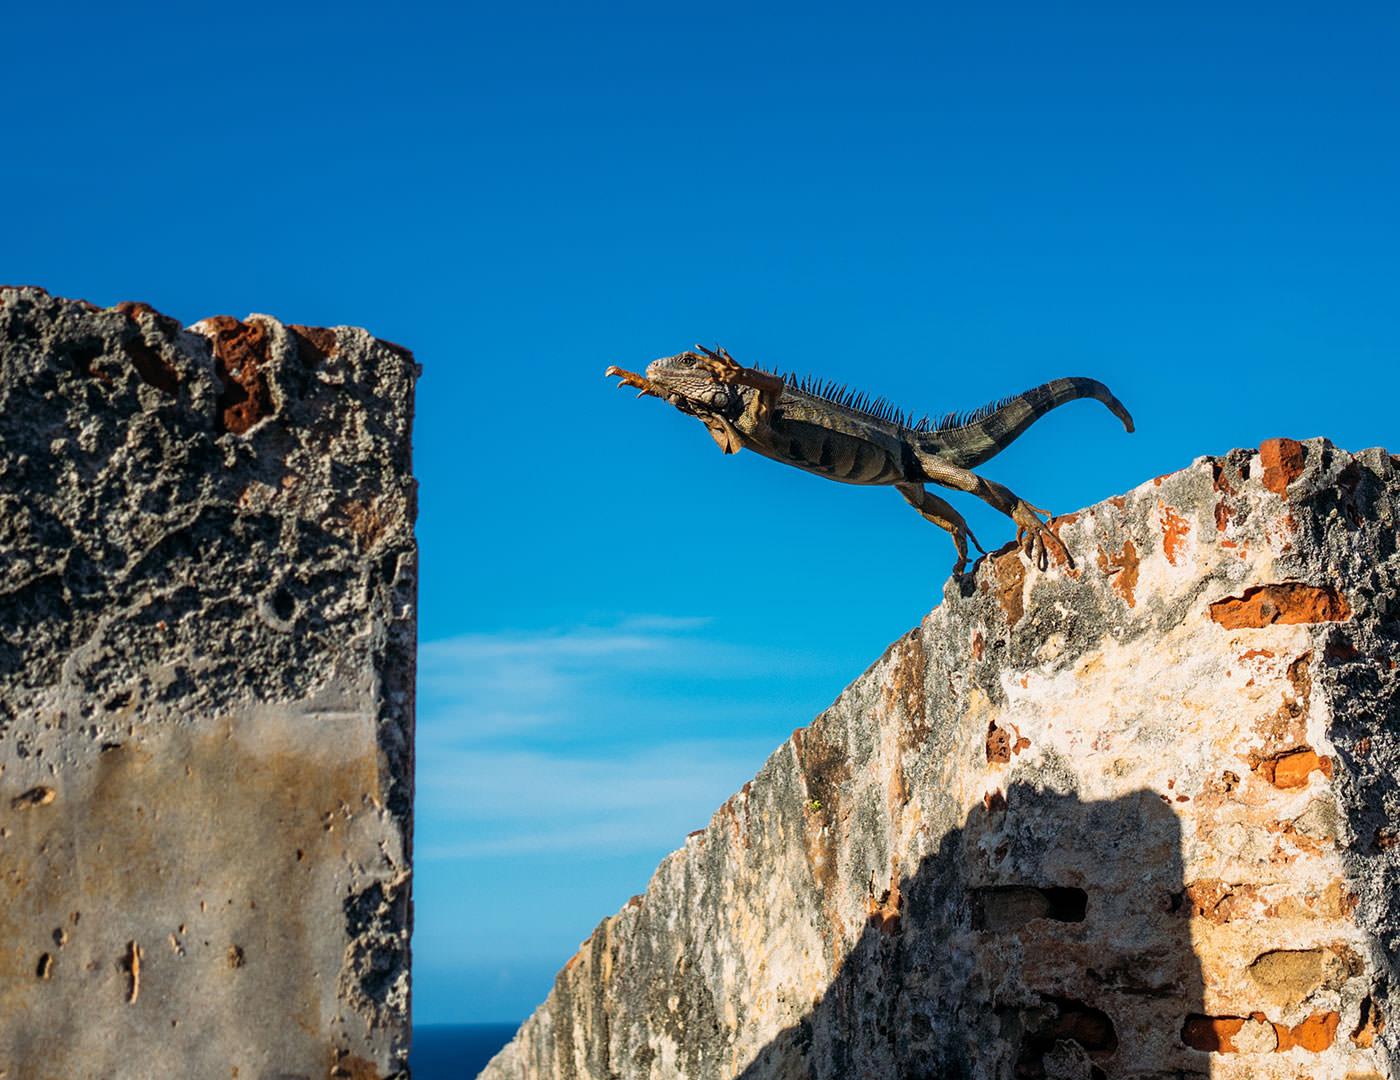 Trust - Lizard Jumping